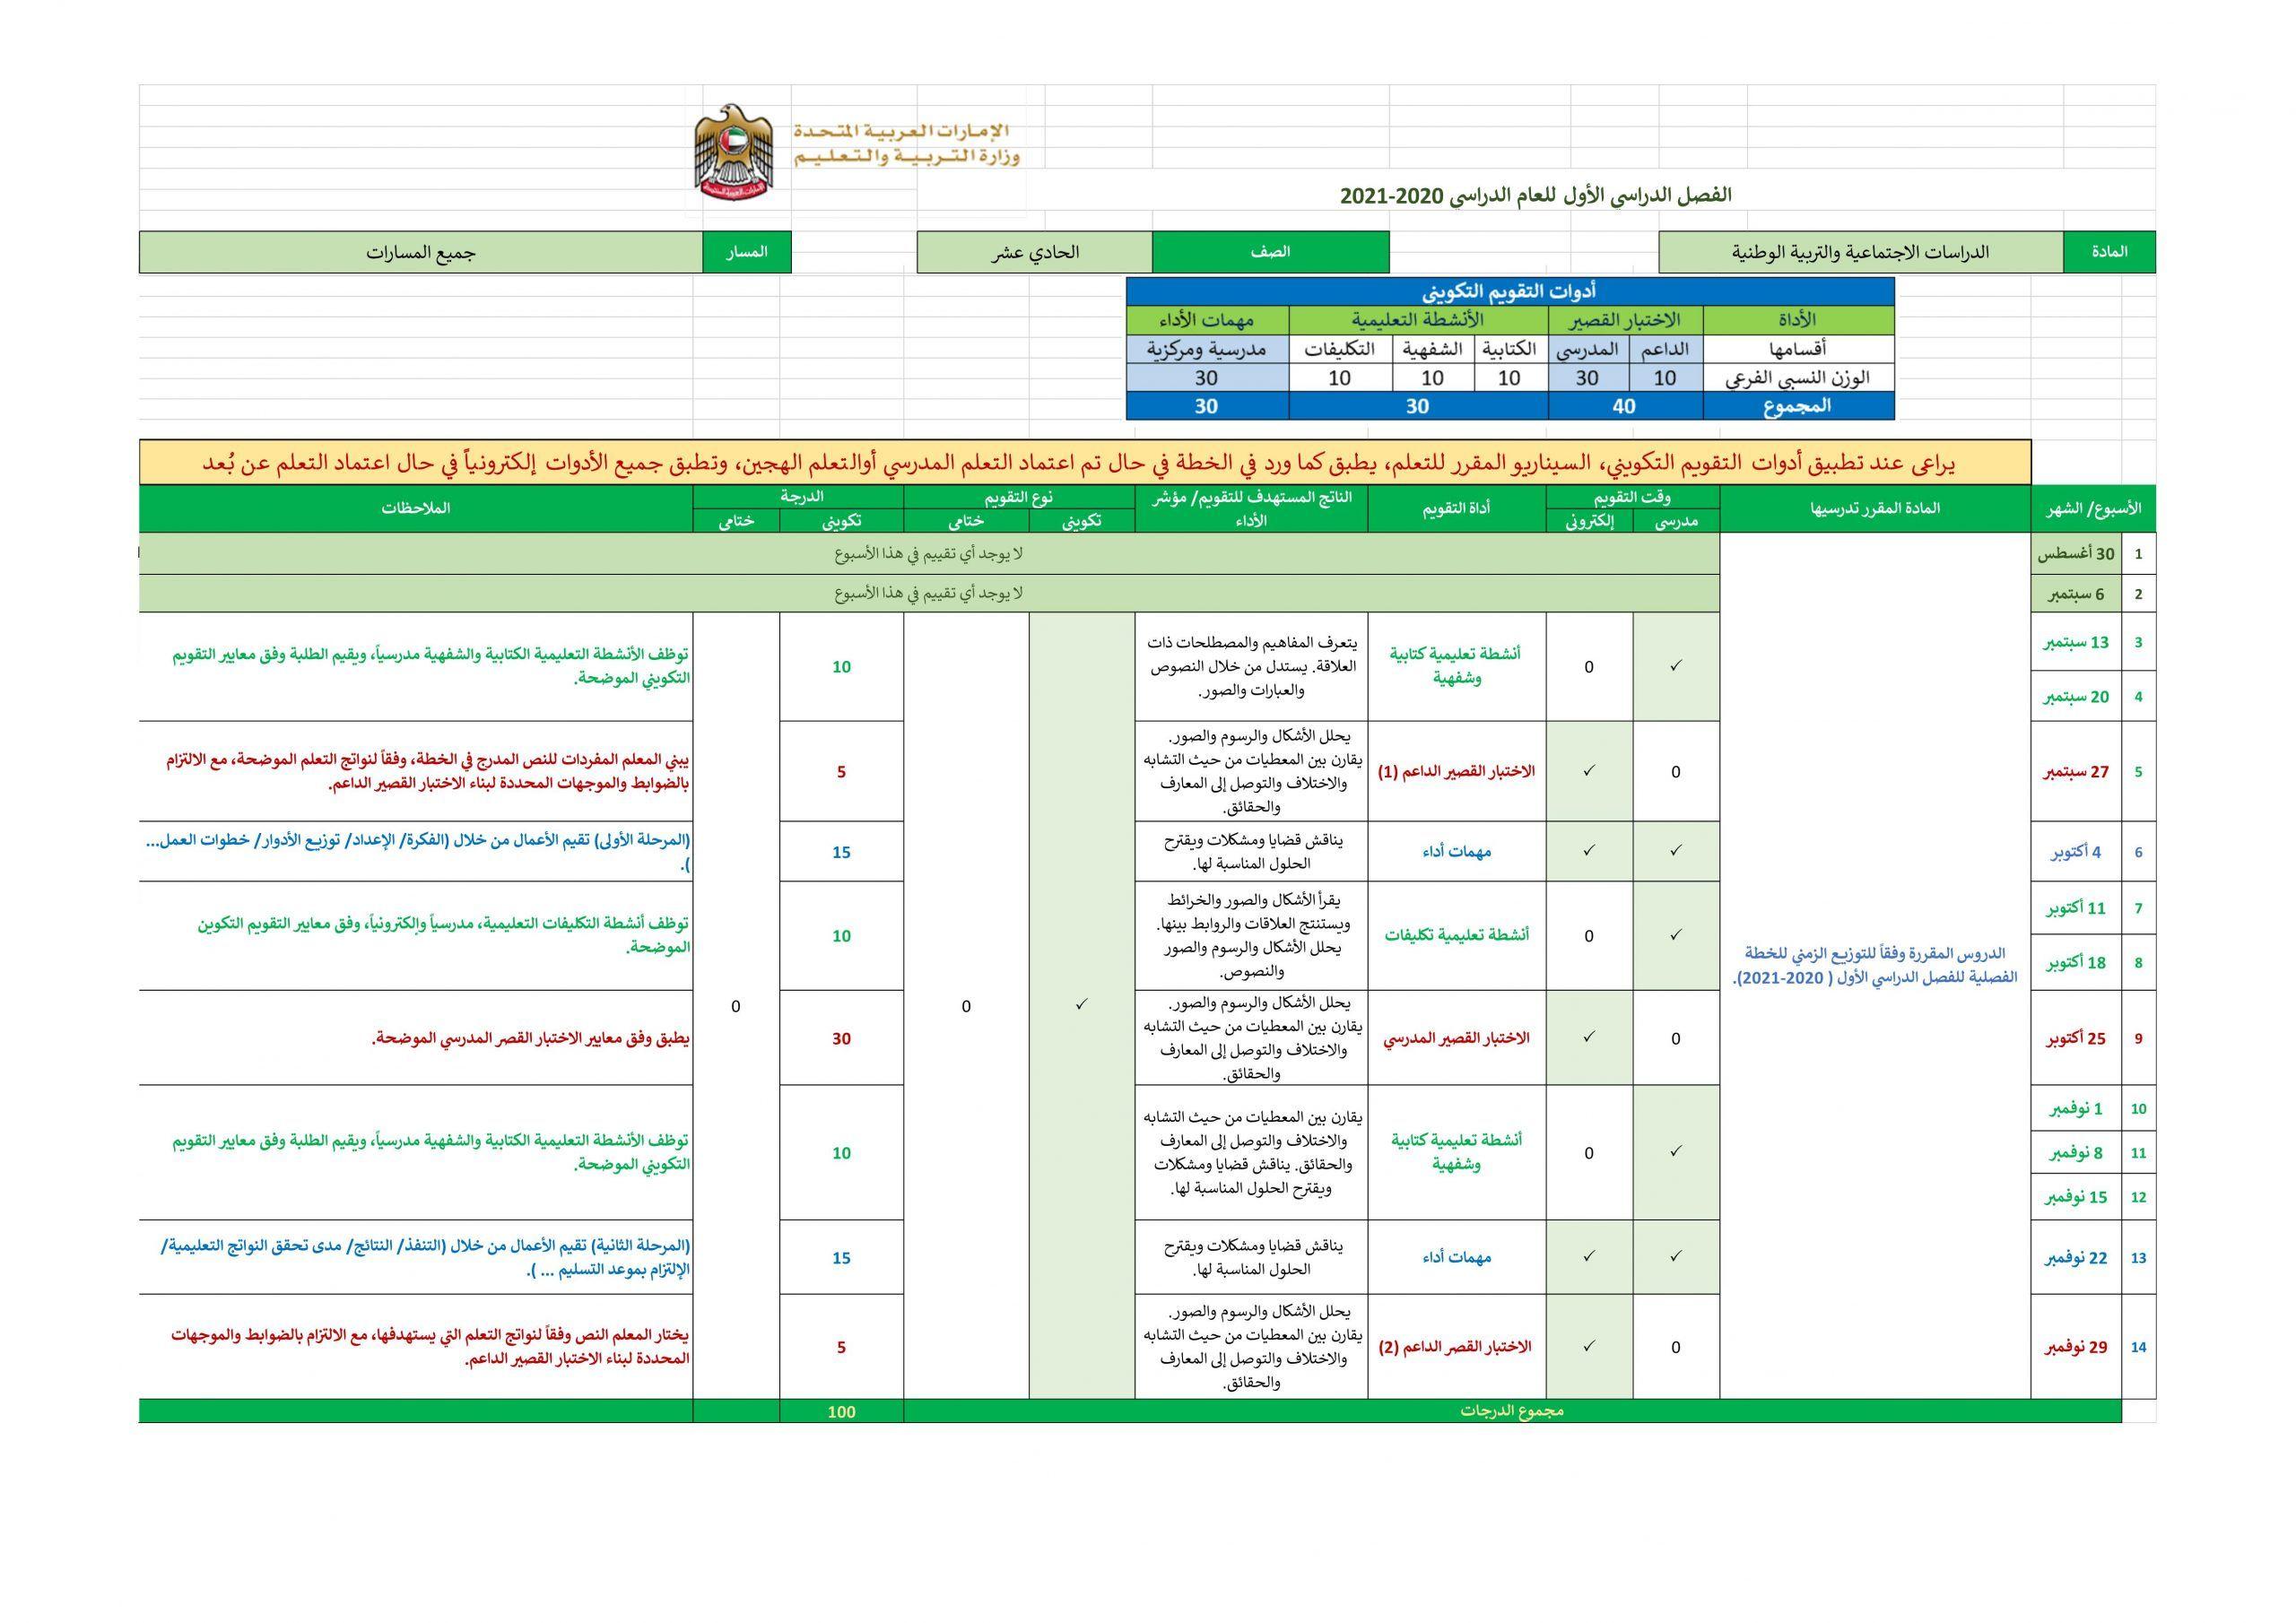 خطة التوزيع الفصل الدراسي الاول للصف الحادي عشر مادة الدراسات الاجتماعية والتربية الوطنية Map Map Screenshot